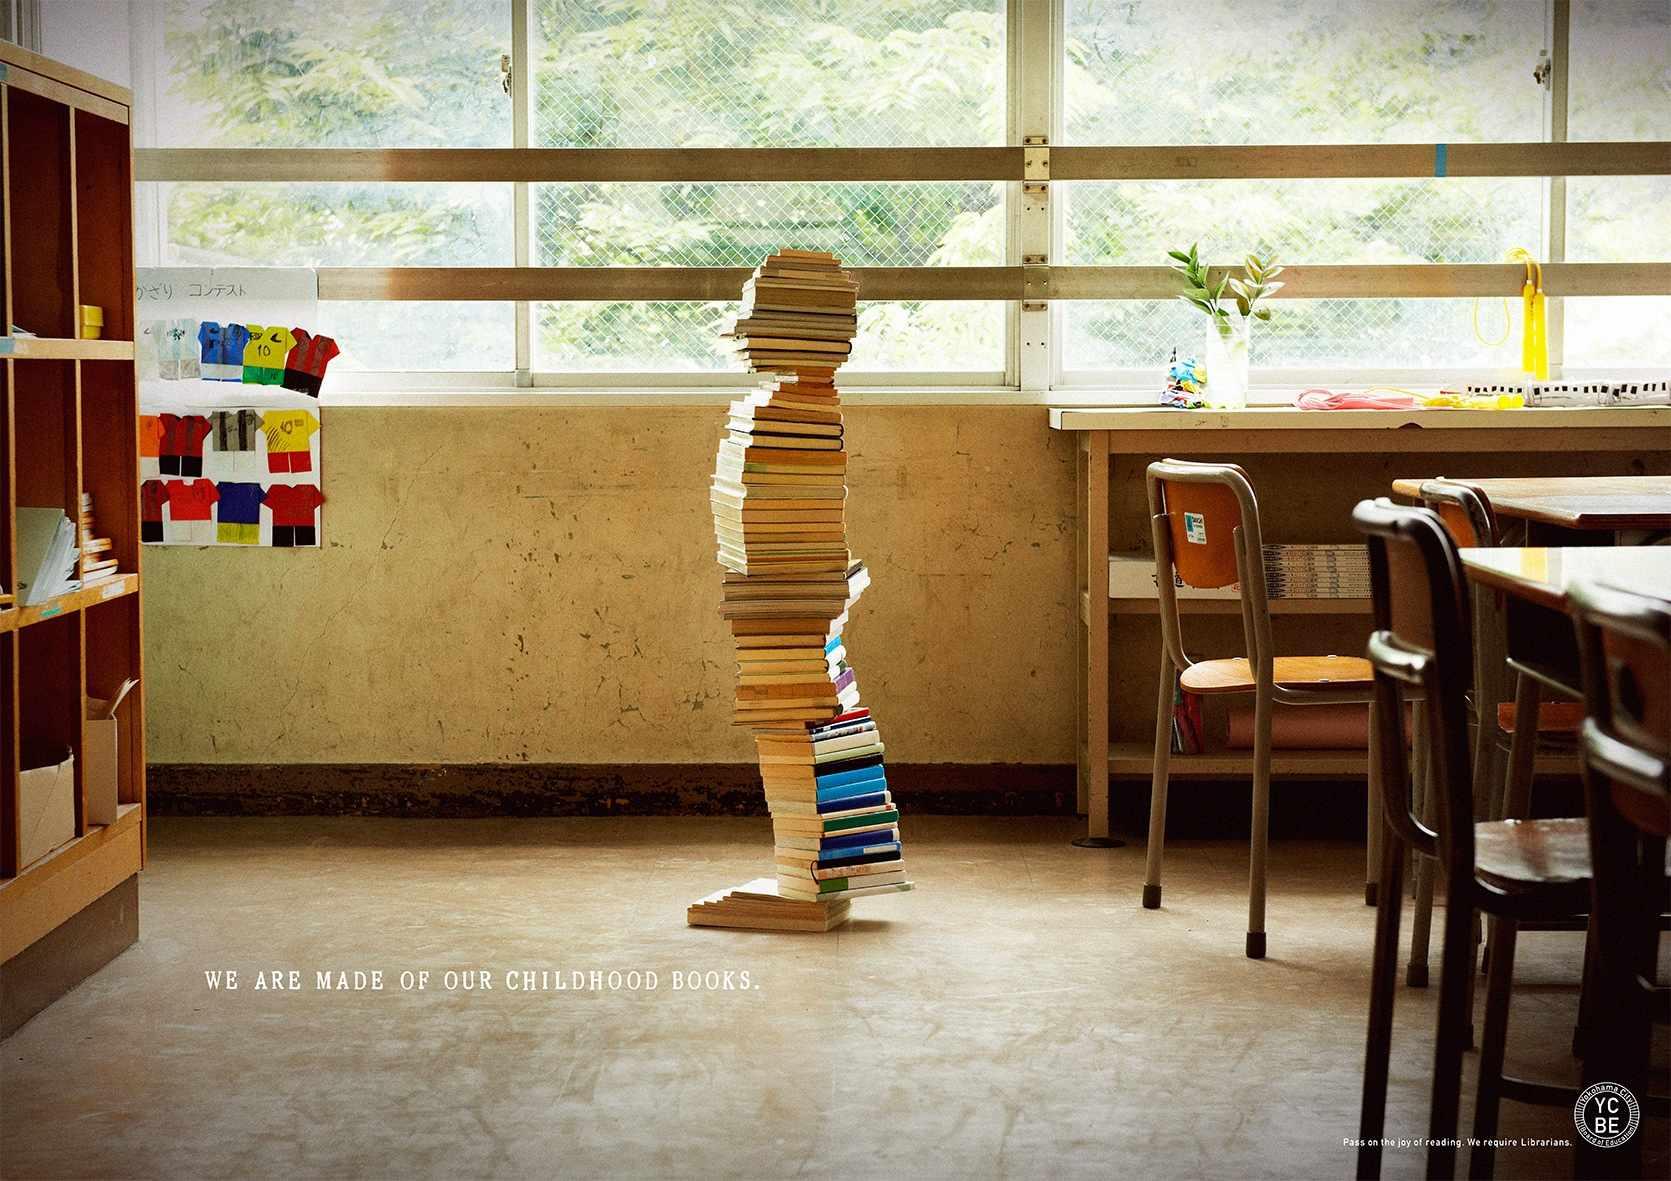 Campaña de fomento de la lectura en Japón